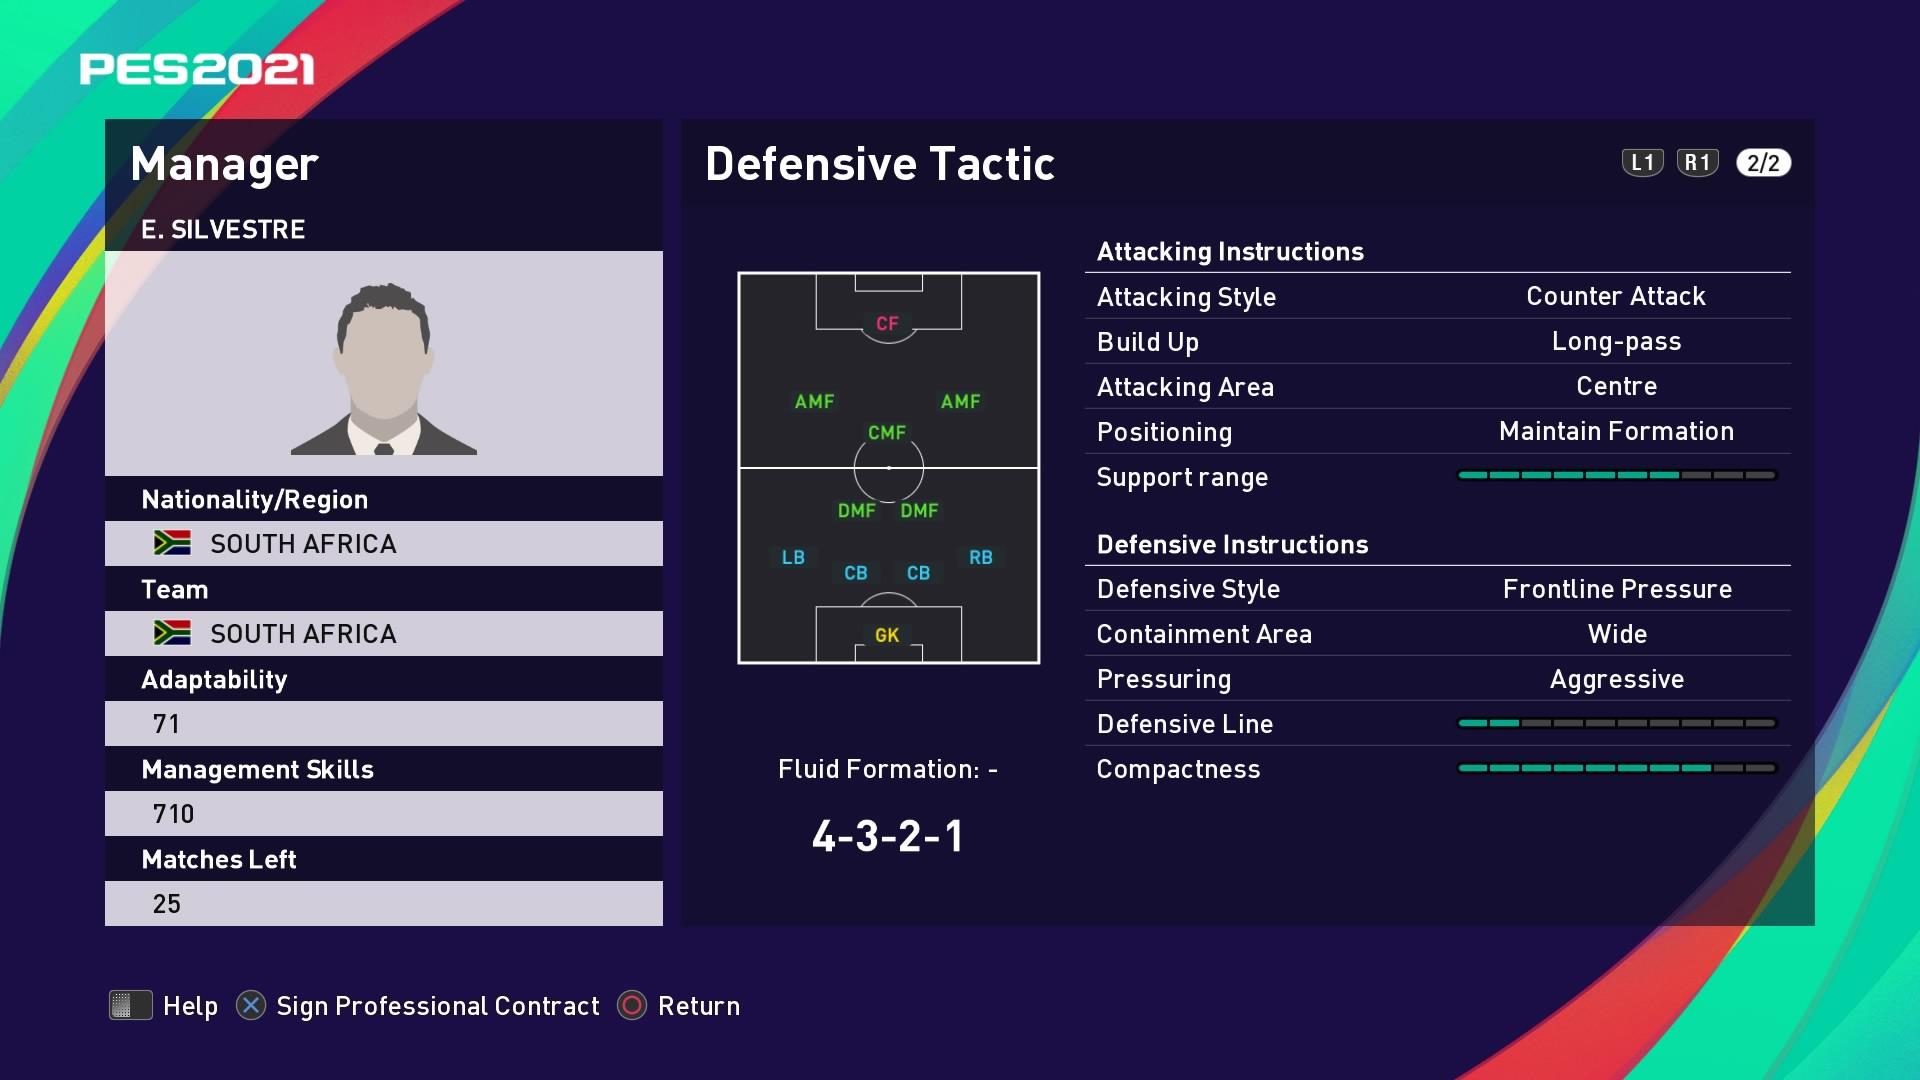 E. Silvestre (Molefi Ntseki) Defensive Tactic in PES 2021 myClub